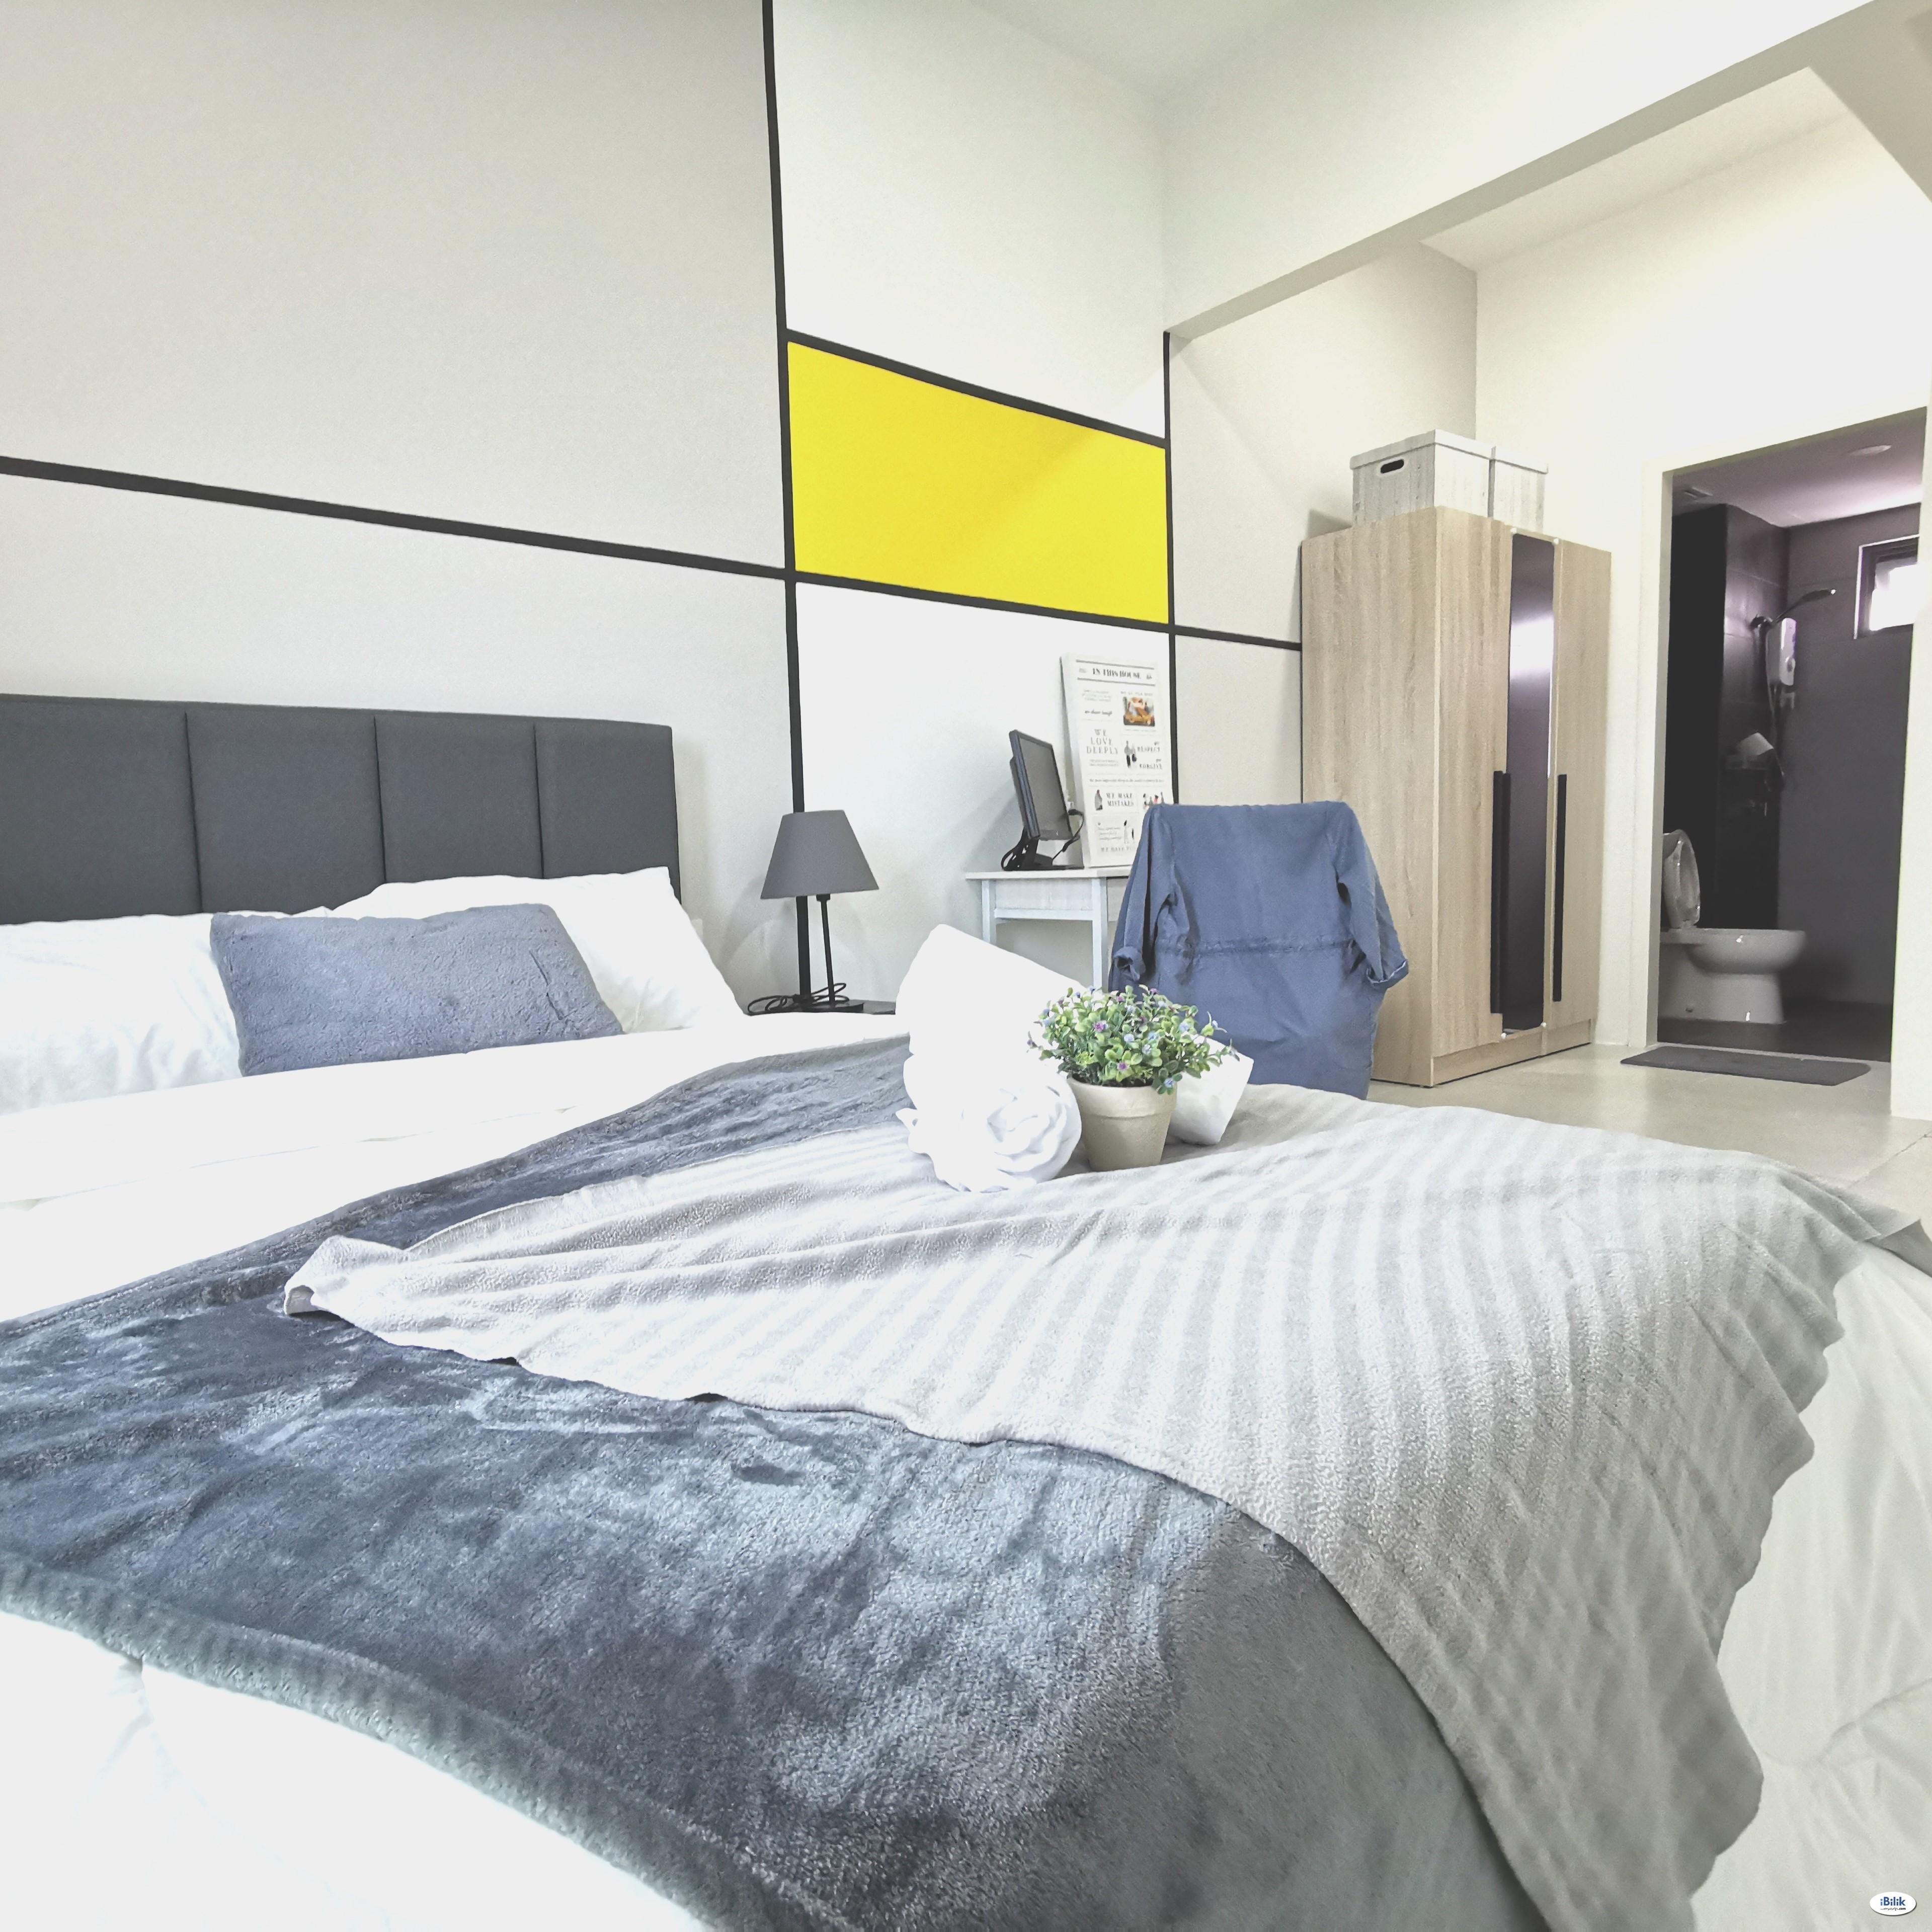 🔥🔥 Stylish Master Room @ Meritus Residensi, Jalan Baru,Kampung Jawa,Seberang Perai,Prai, Penang